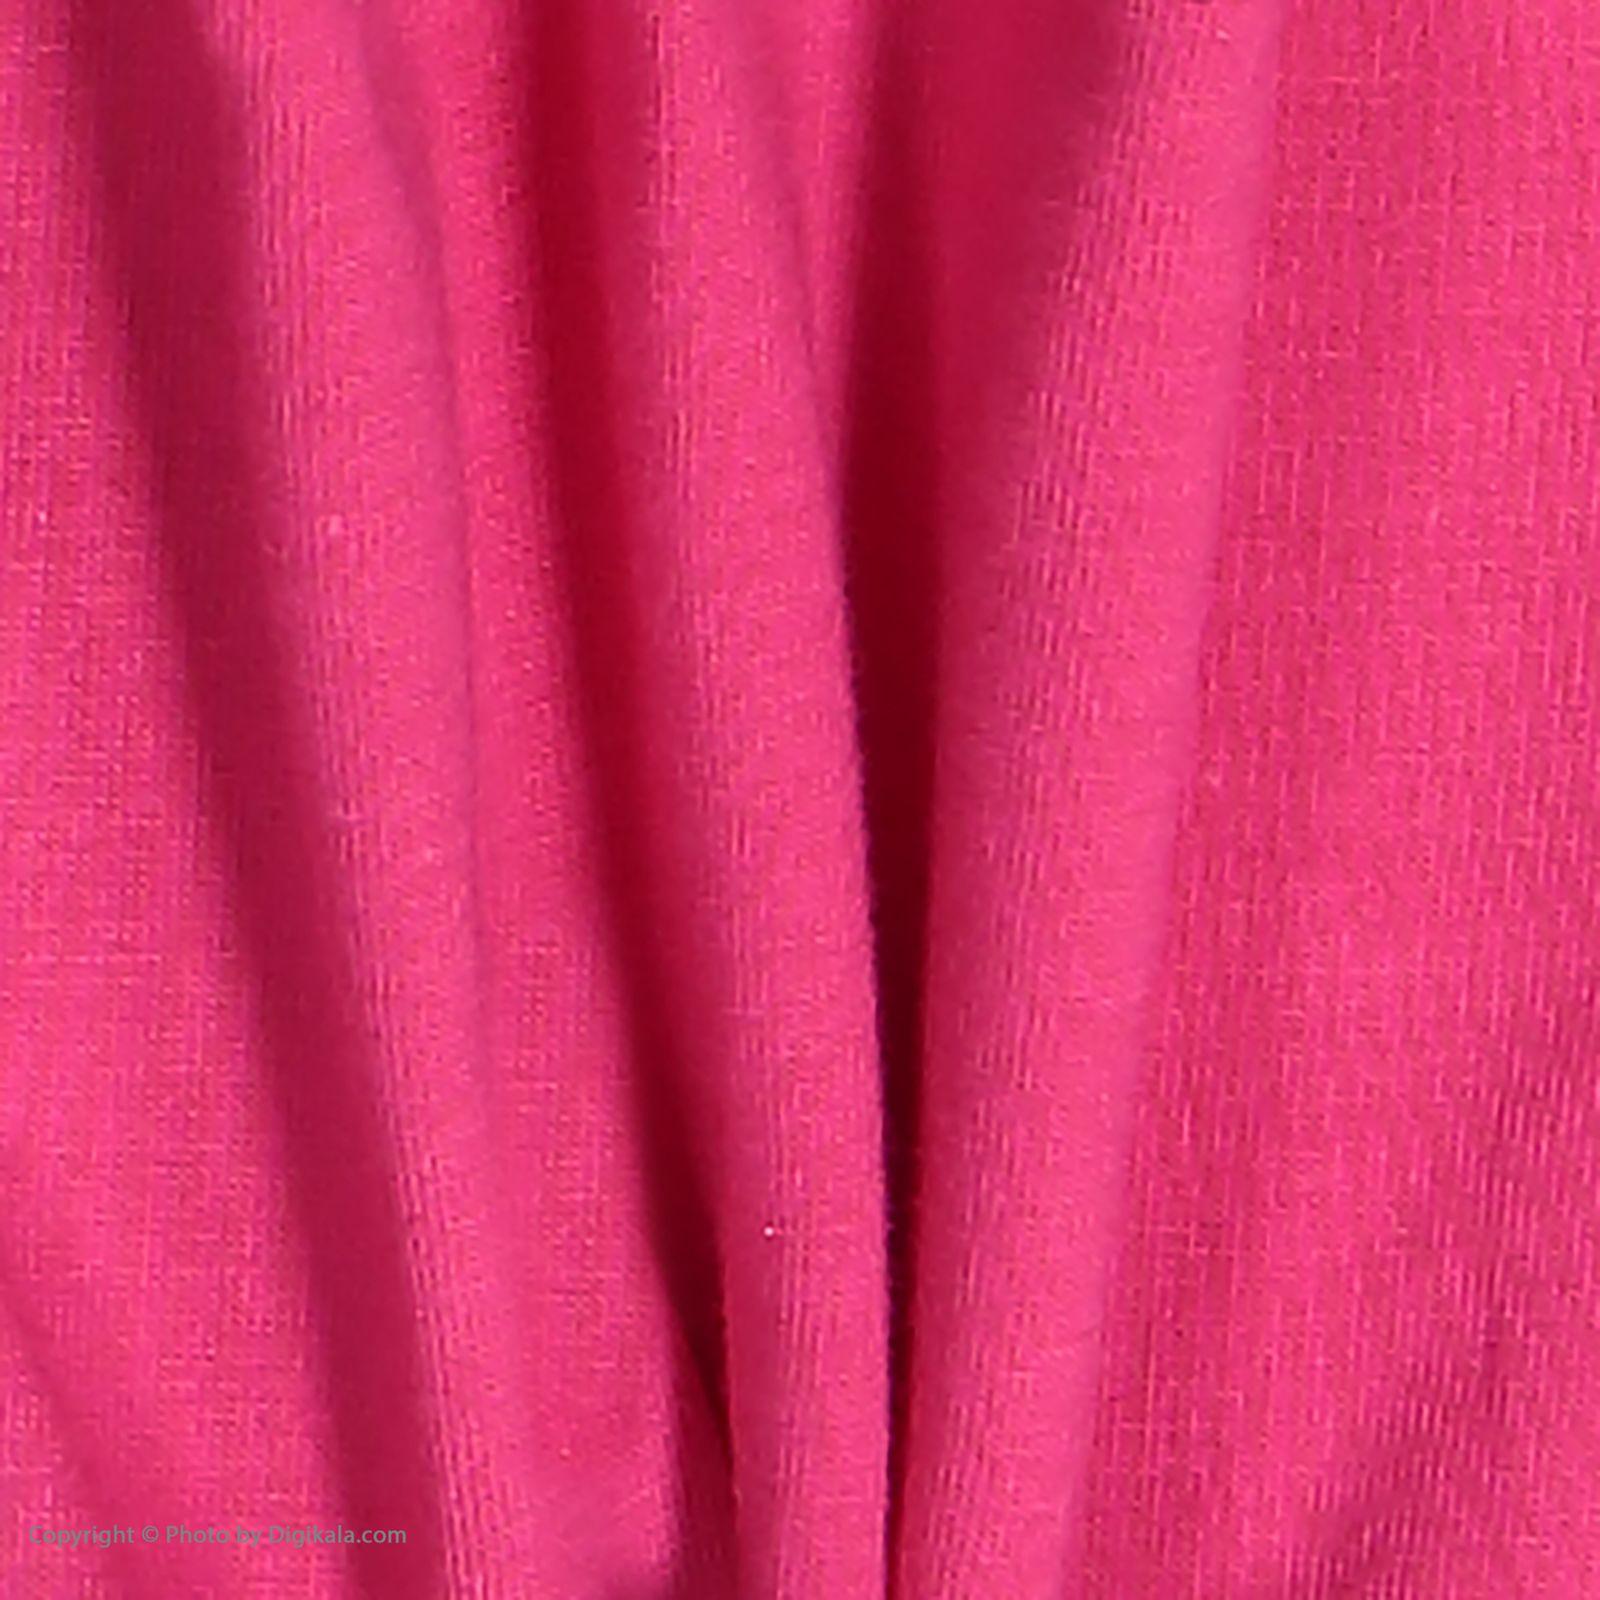 ست پیراهن و شورت نوزادی دخترانه مدل 2171111-88 -  - 7